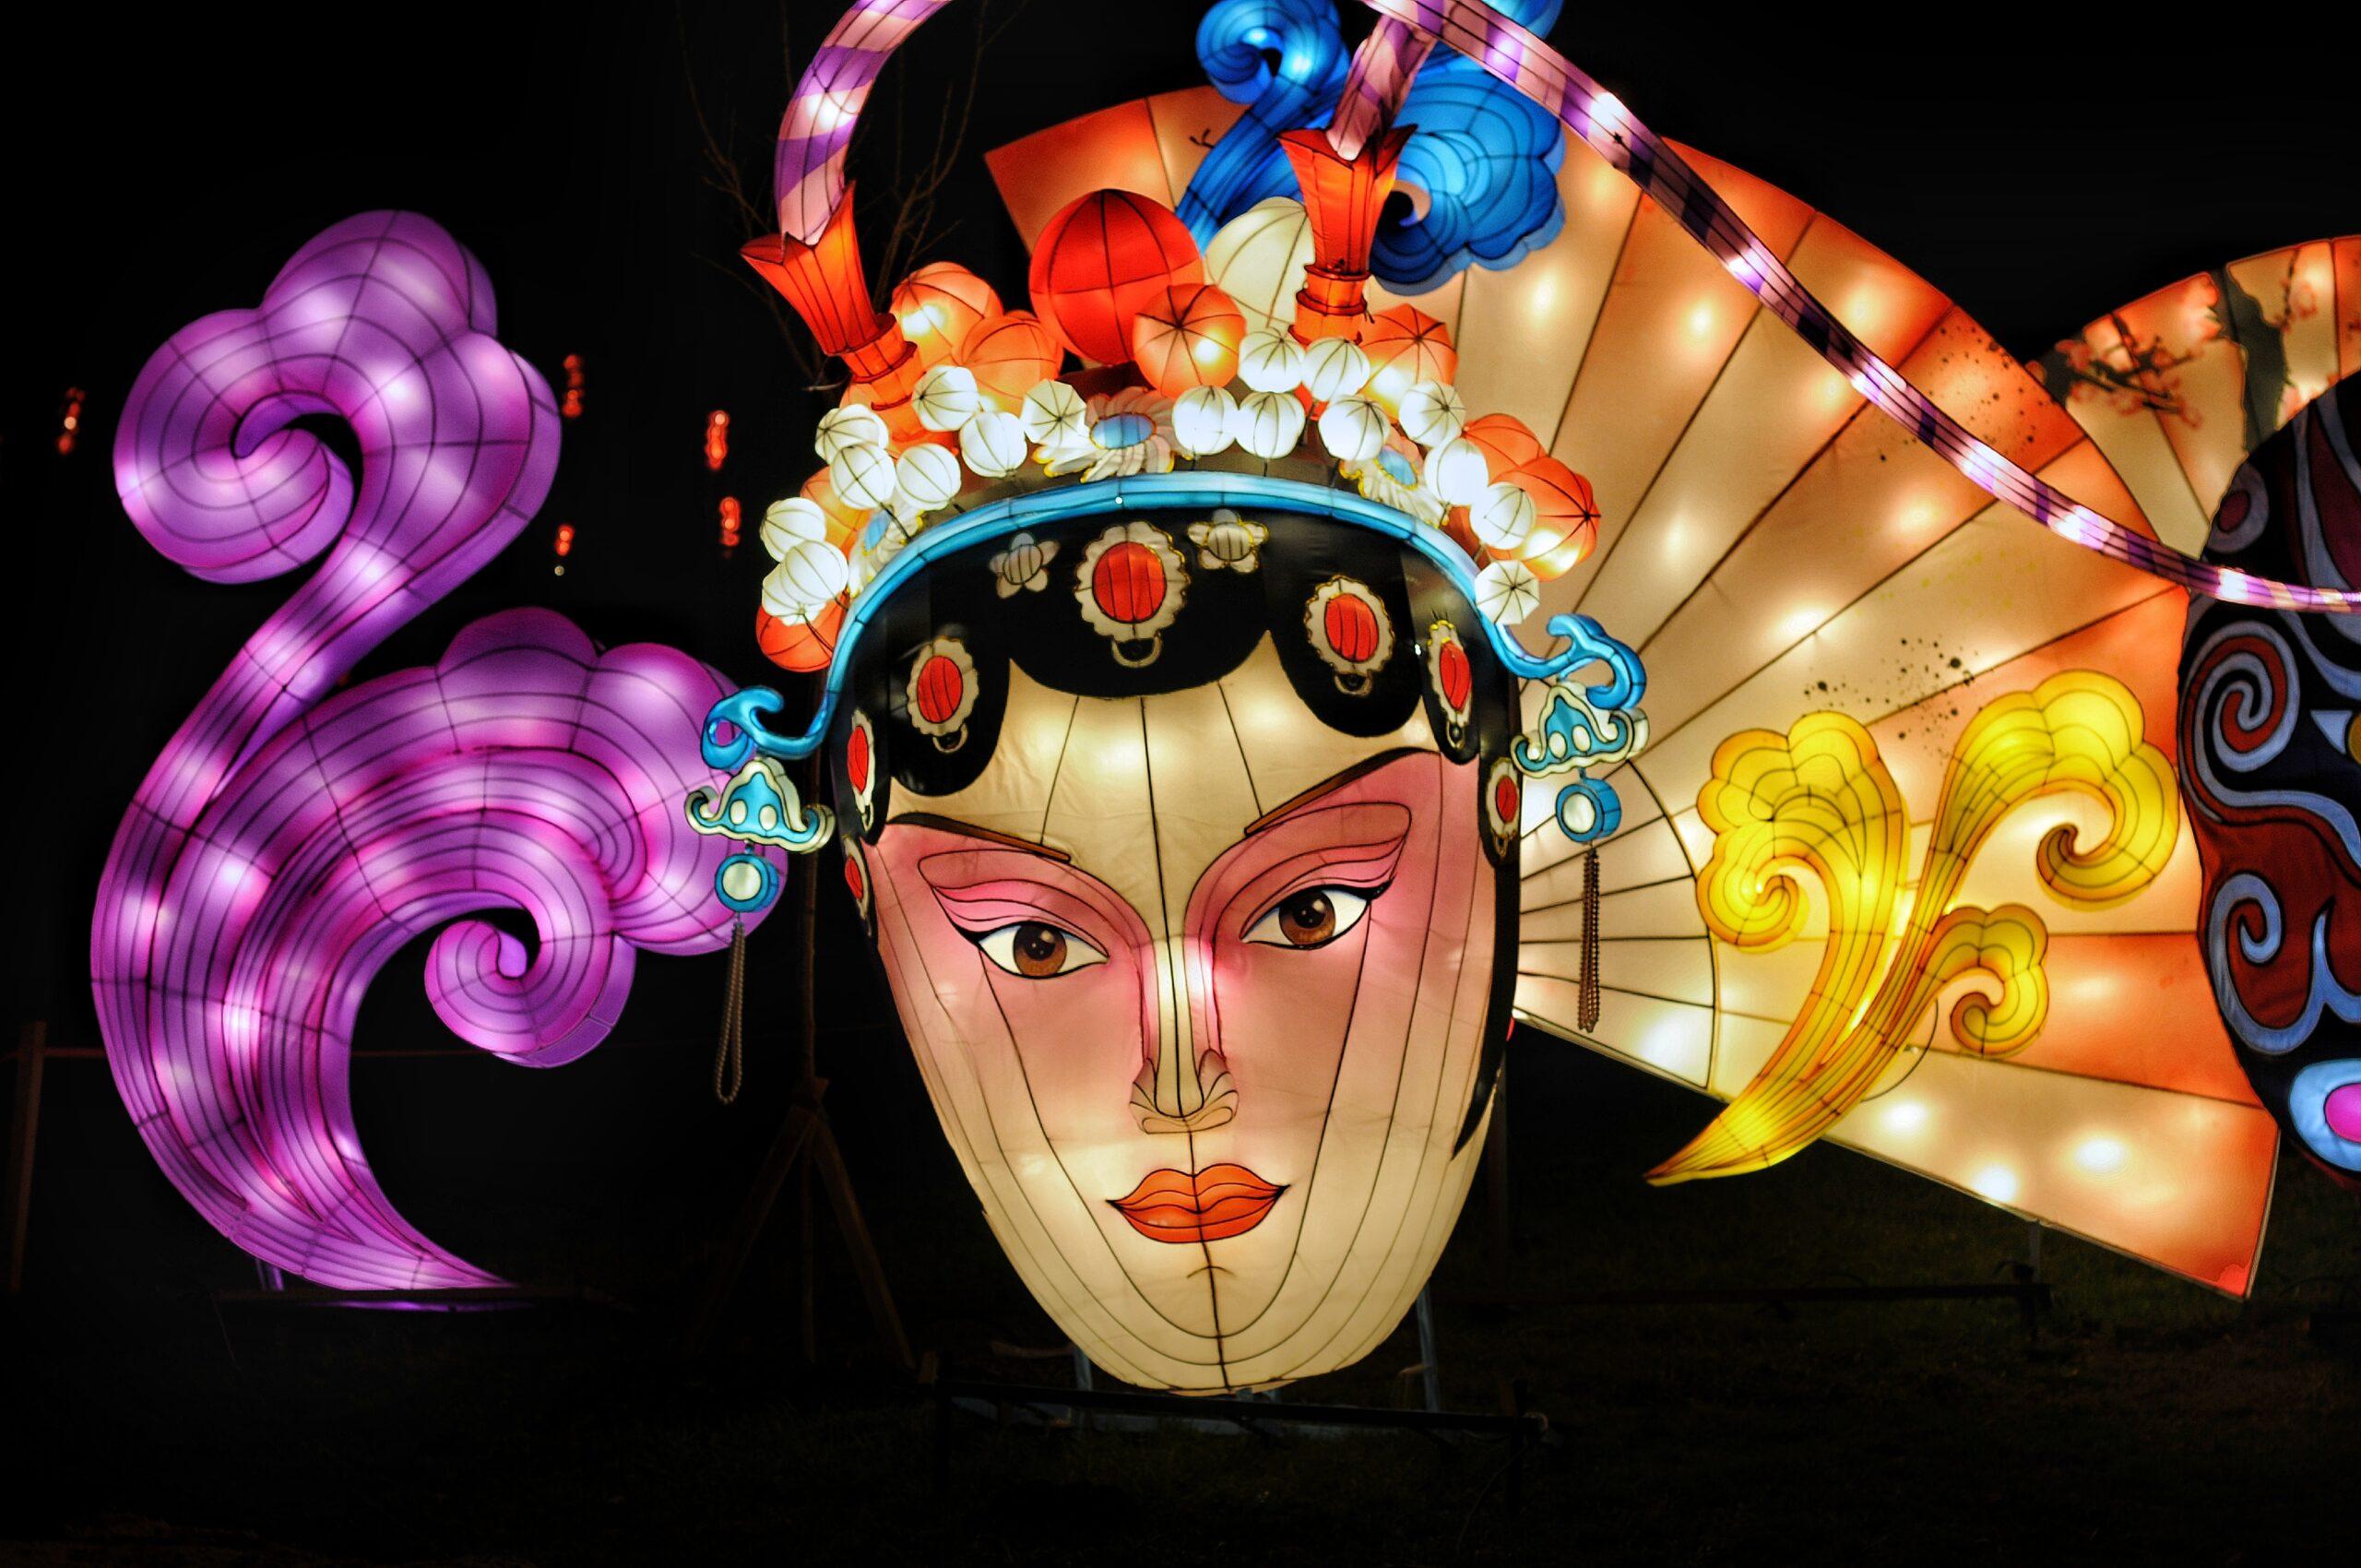 Граждане льготных категорий смогут посетить Фестиваль китайских фонарей в Киеве бесплатно.Вокруг Света. Украина